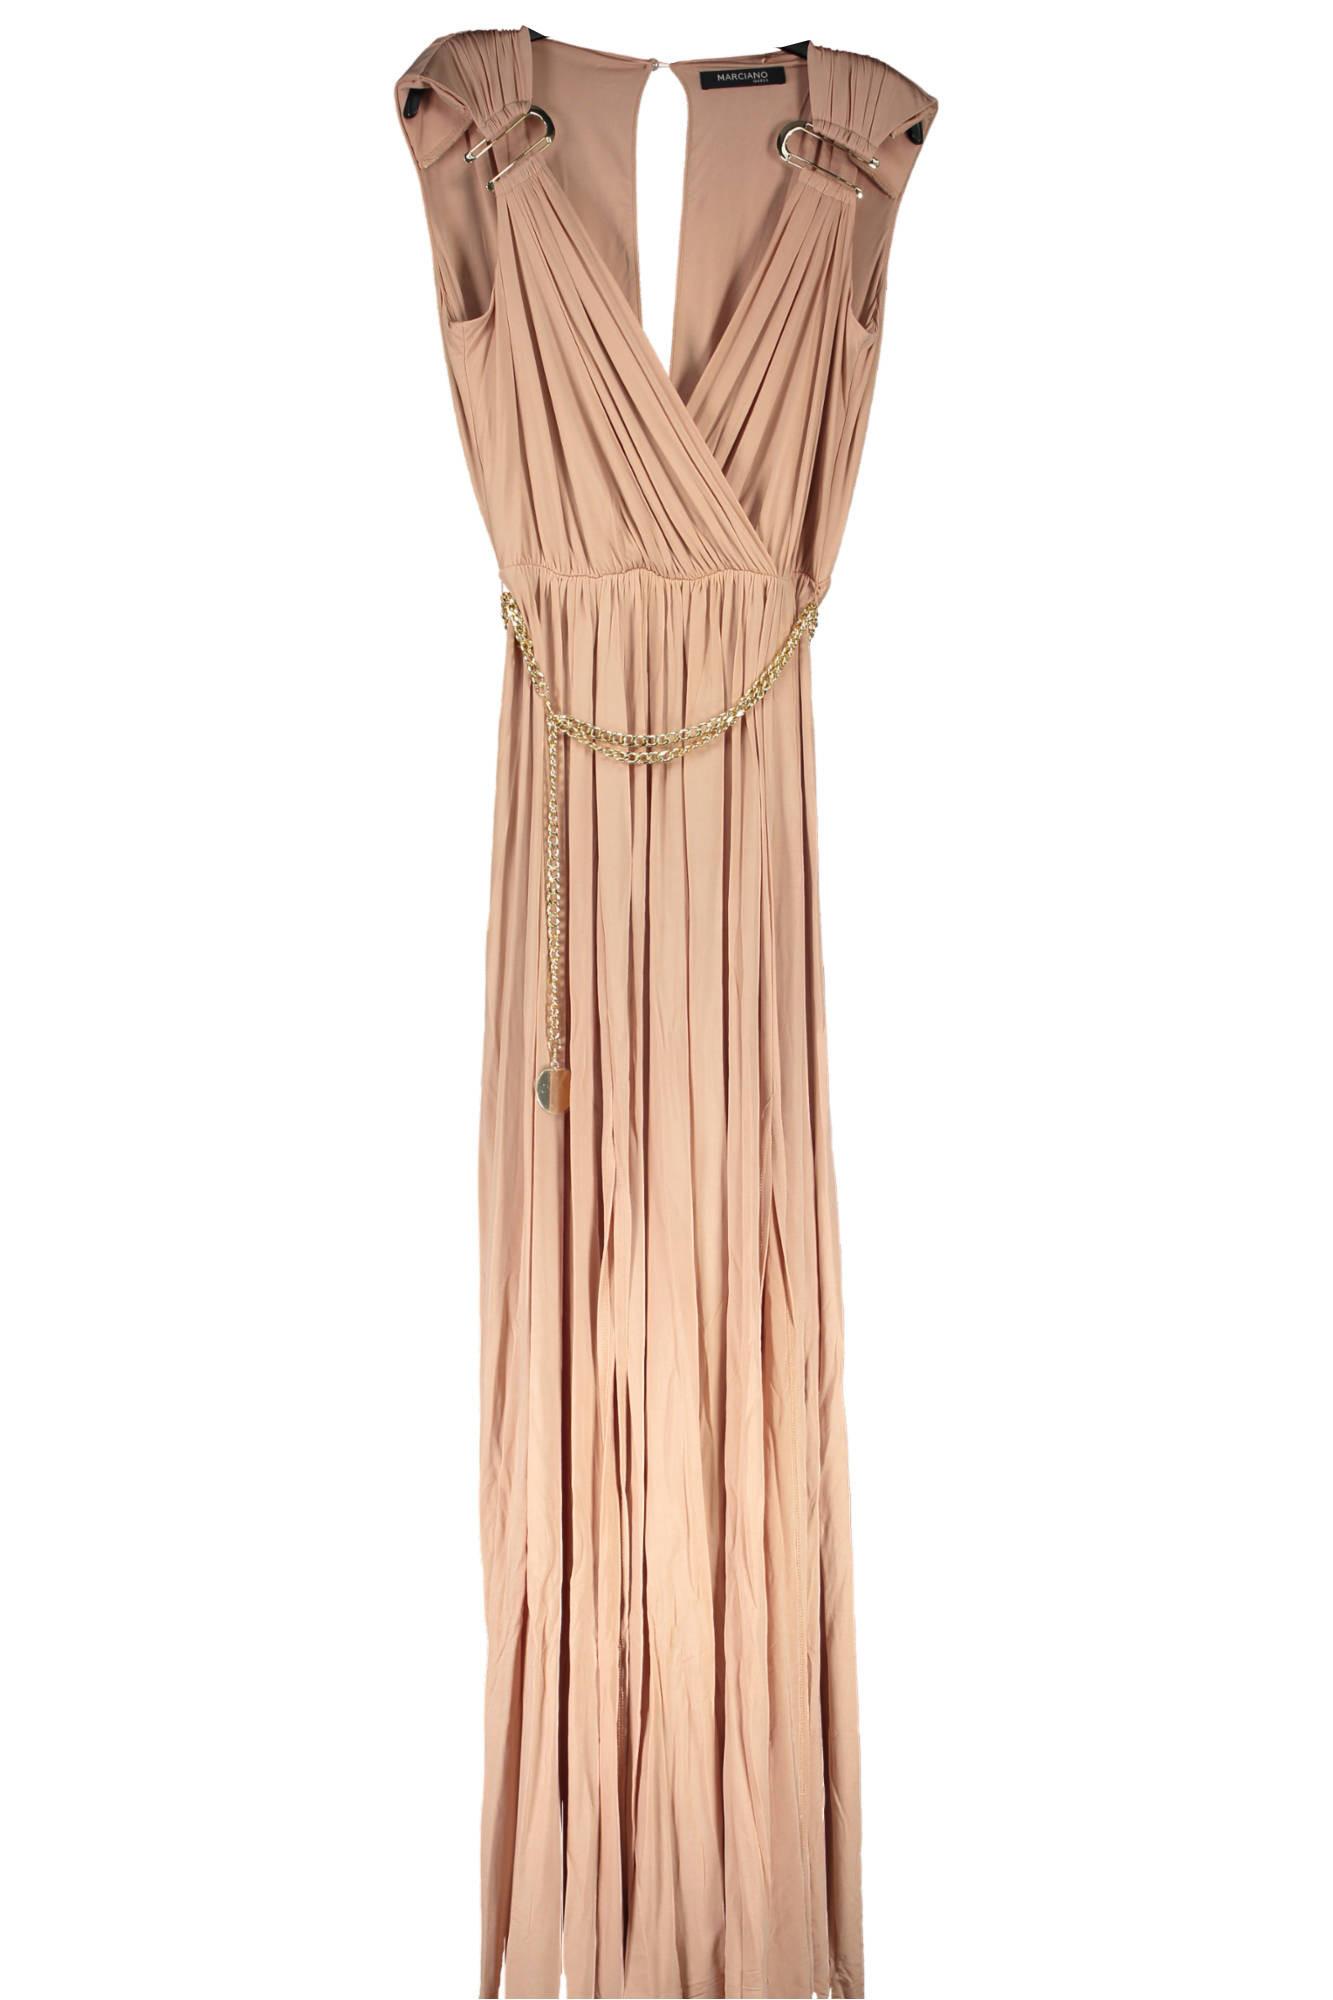 WH2-72G7446509Z D100 Guess Marciano Woman Dresses Wholesale Clothes ... 1d03007d949